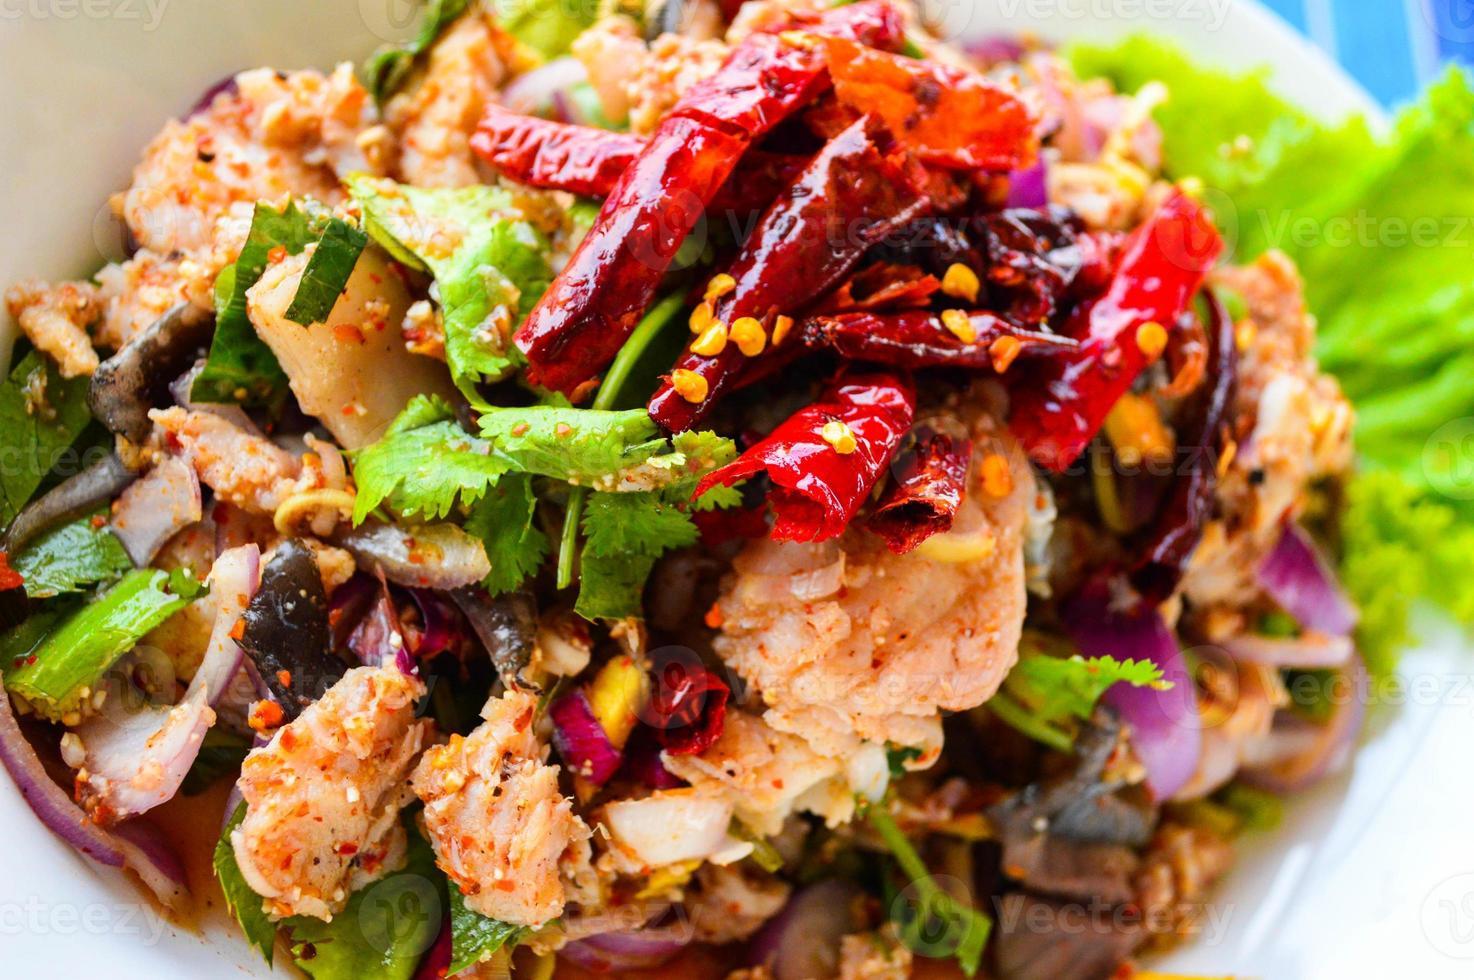 """thailand denna mat kallas en """"larb pla kang"""" foto"""